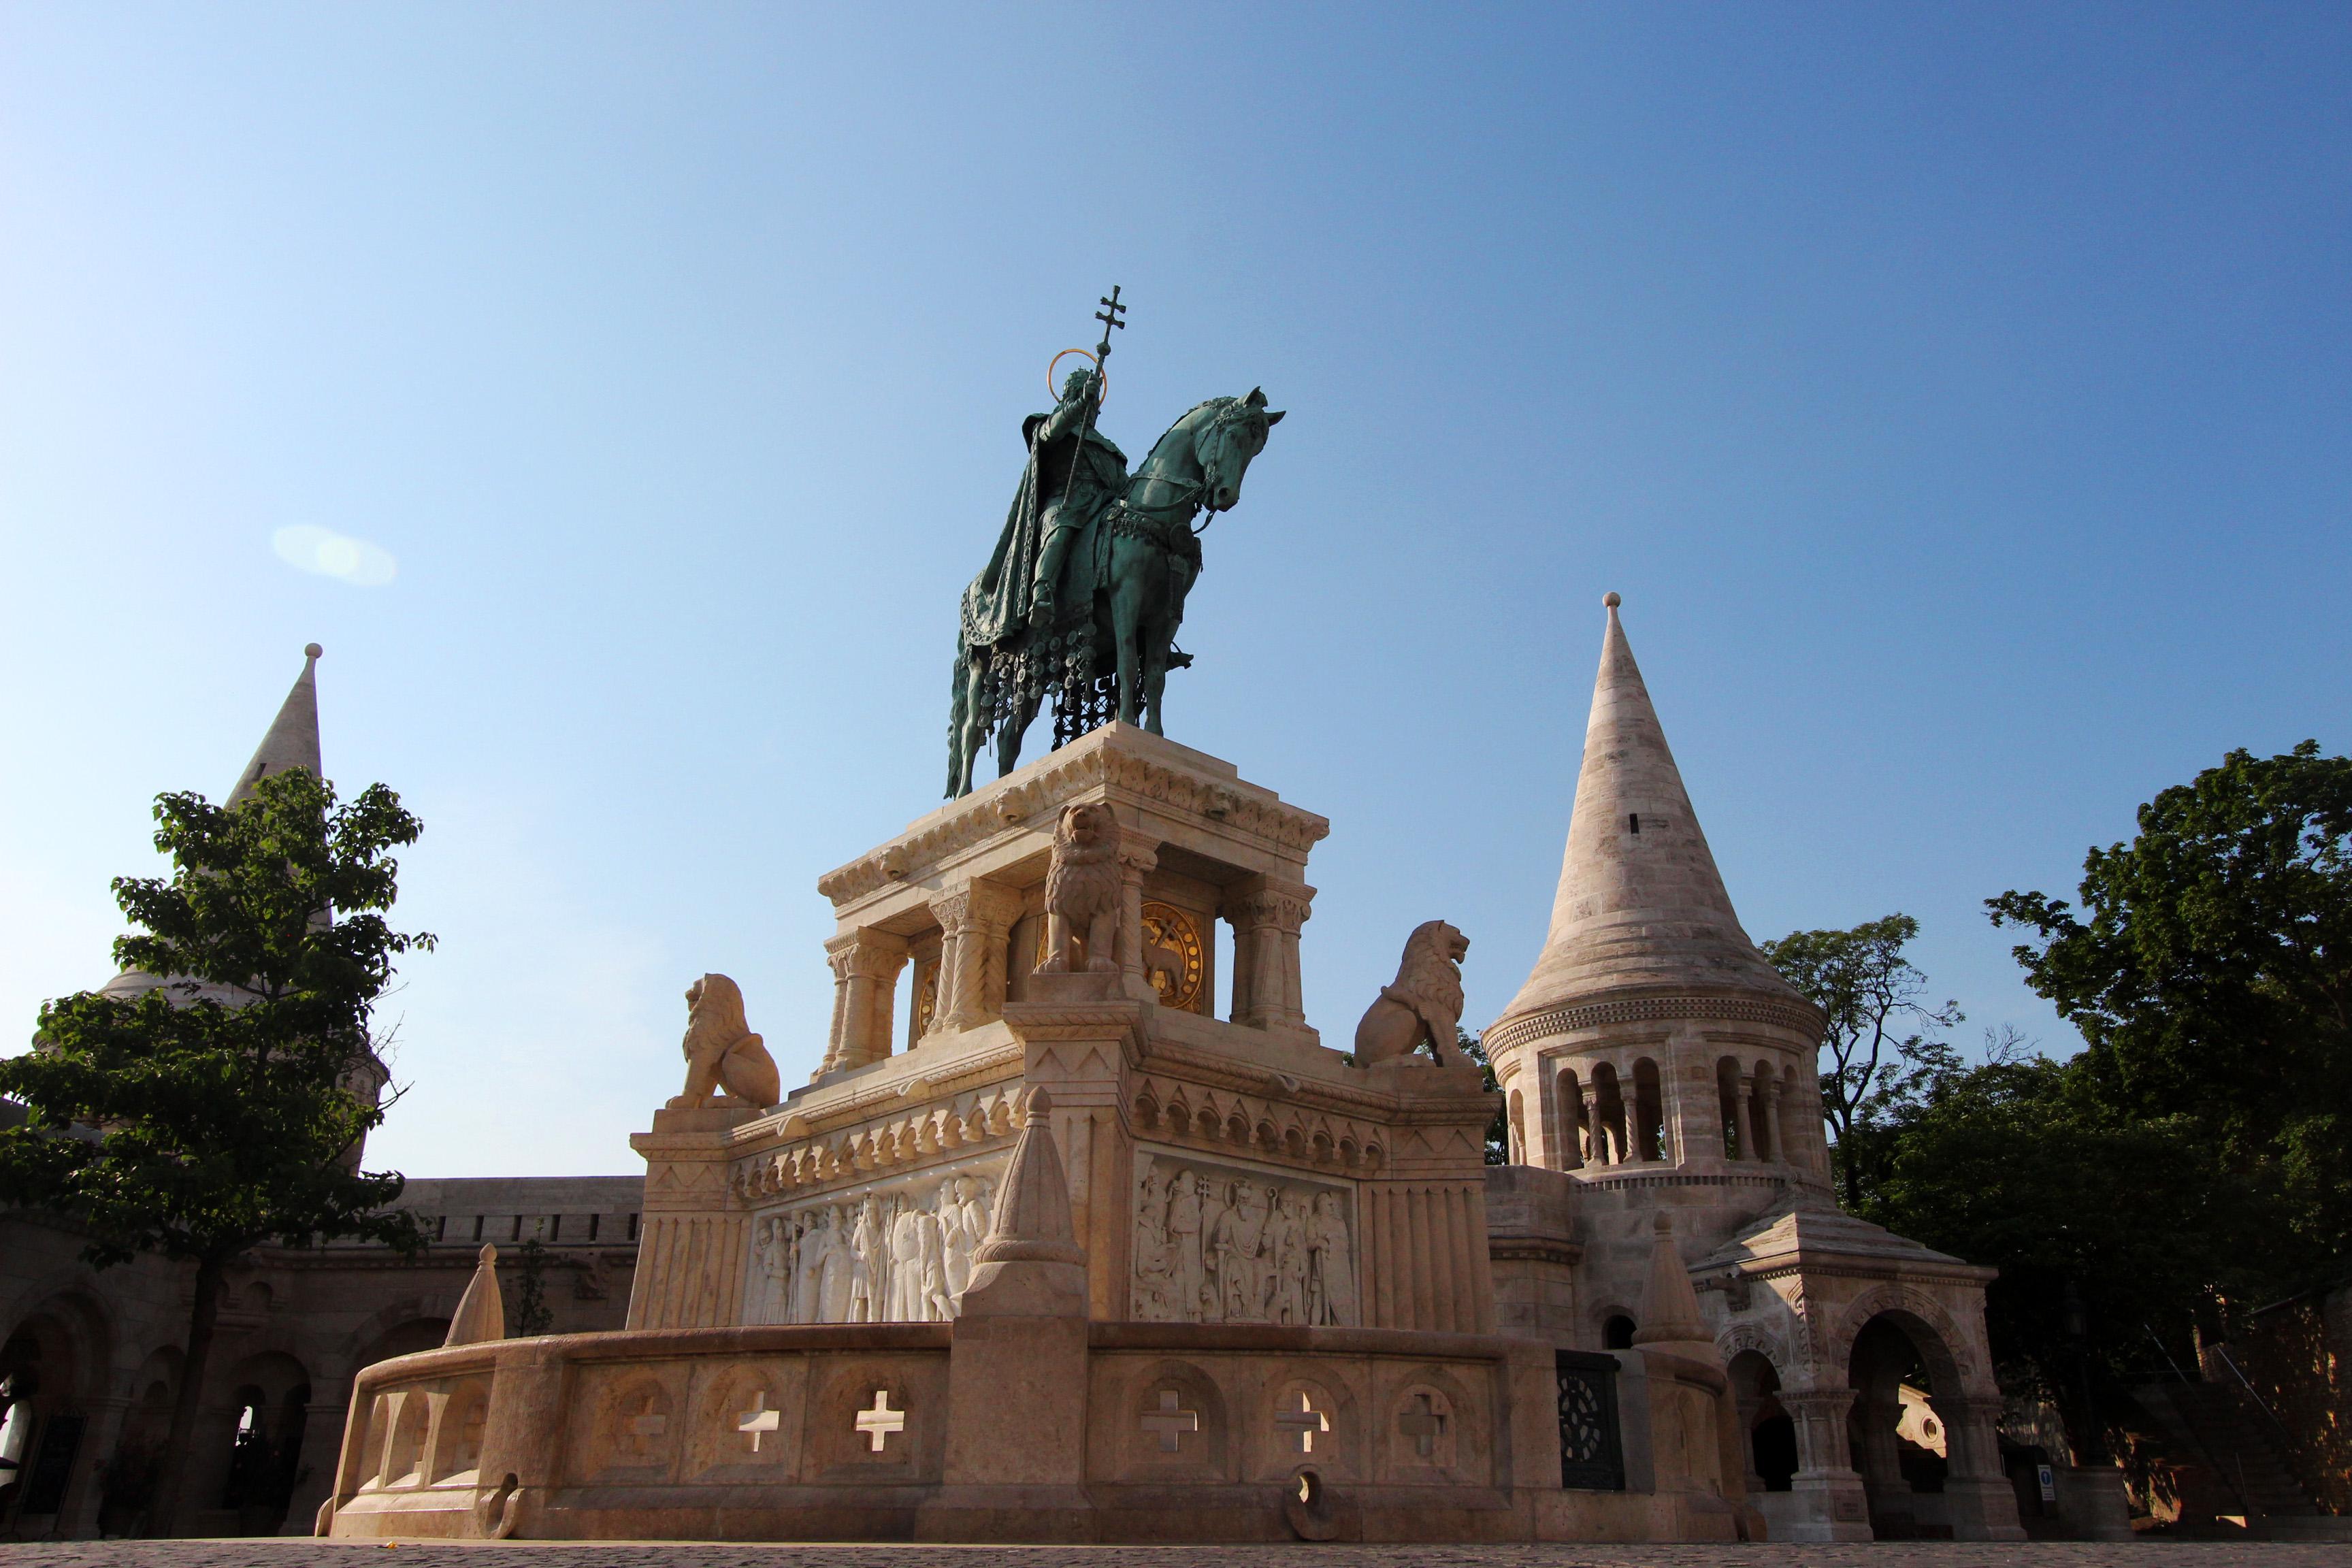 Szent István szobor a Budai Várban